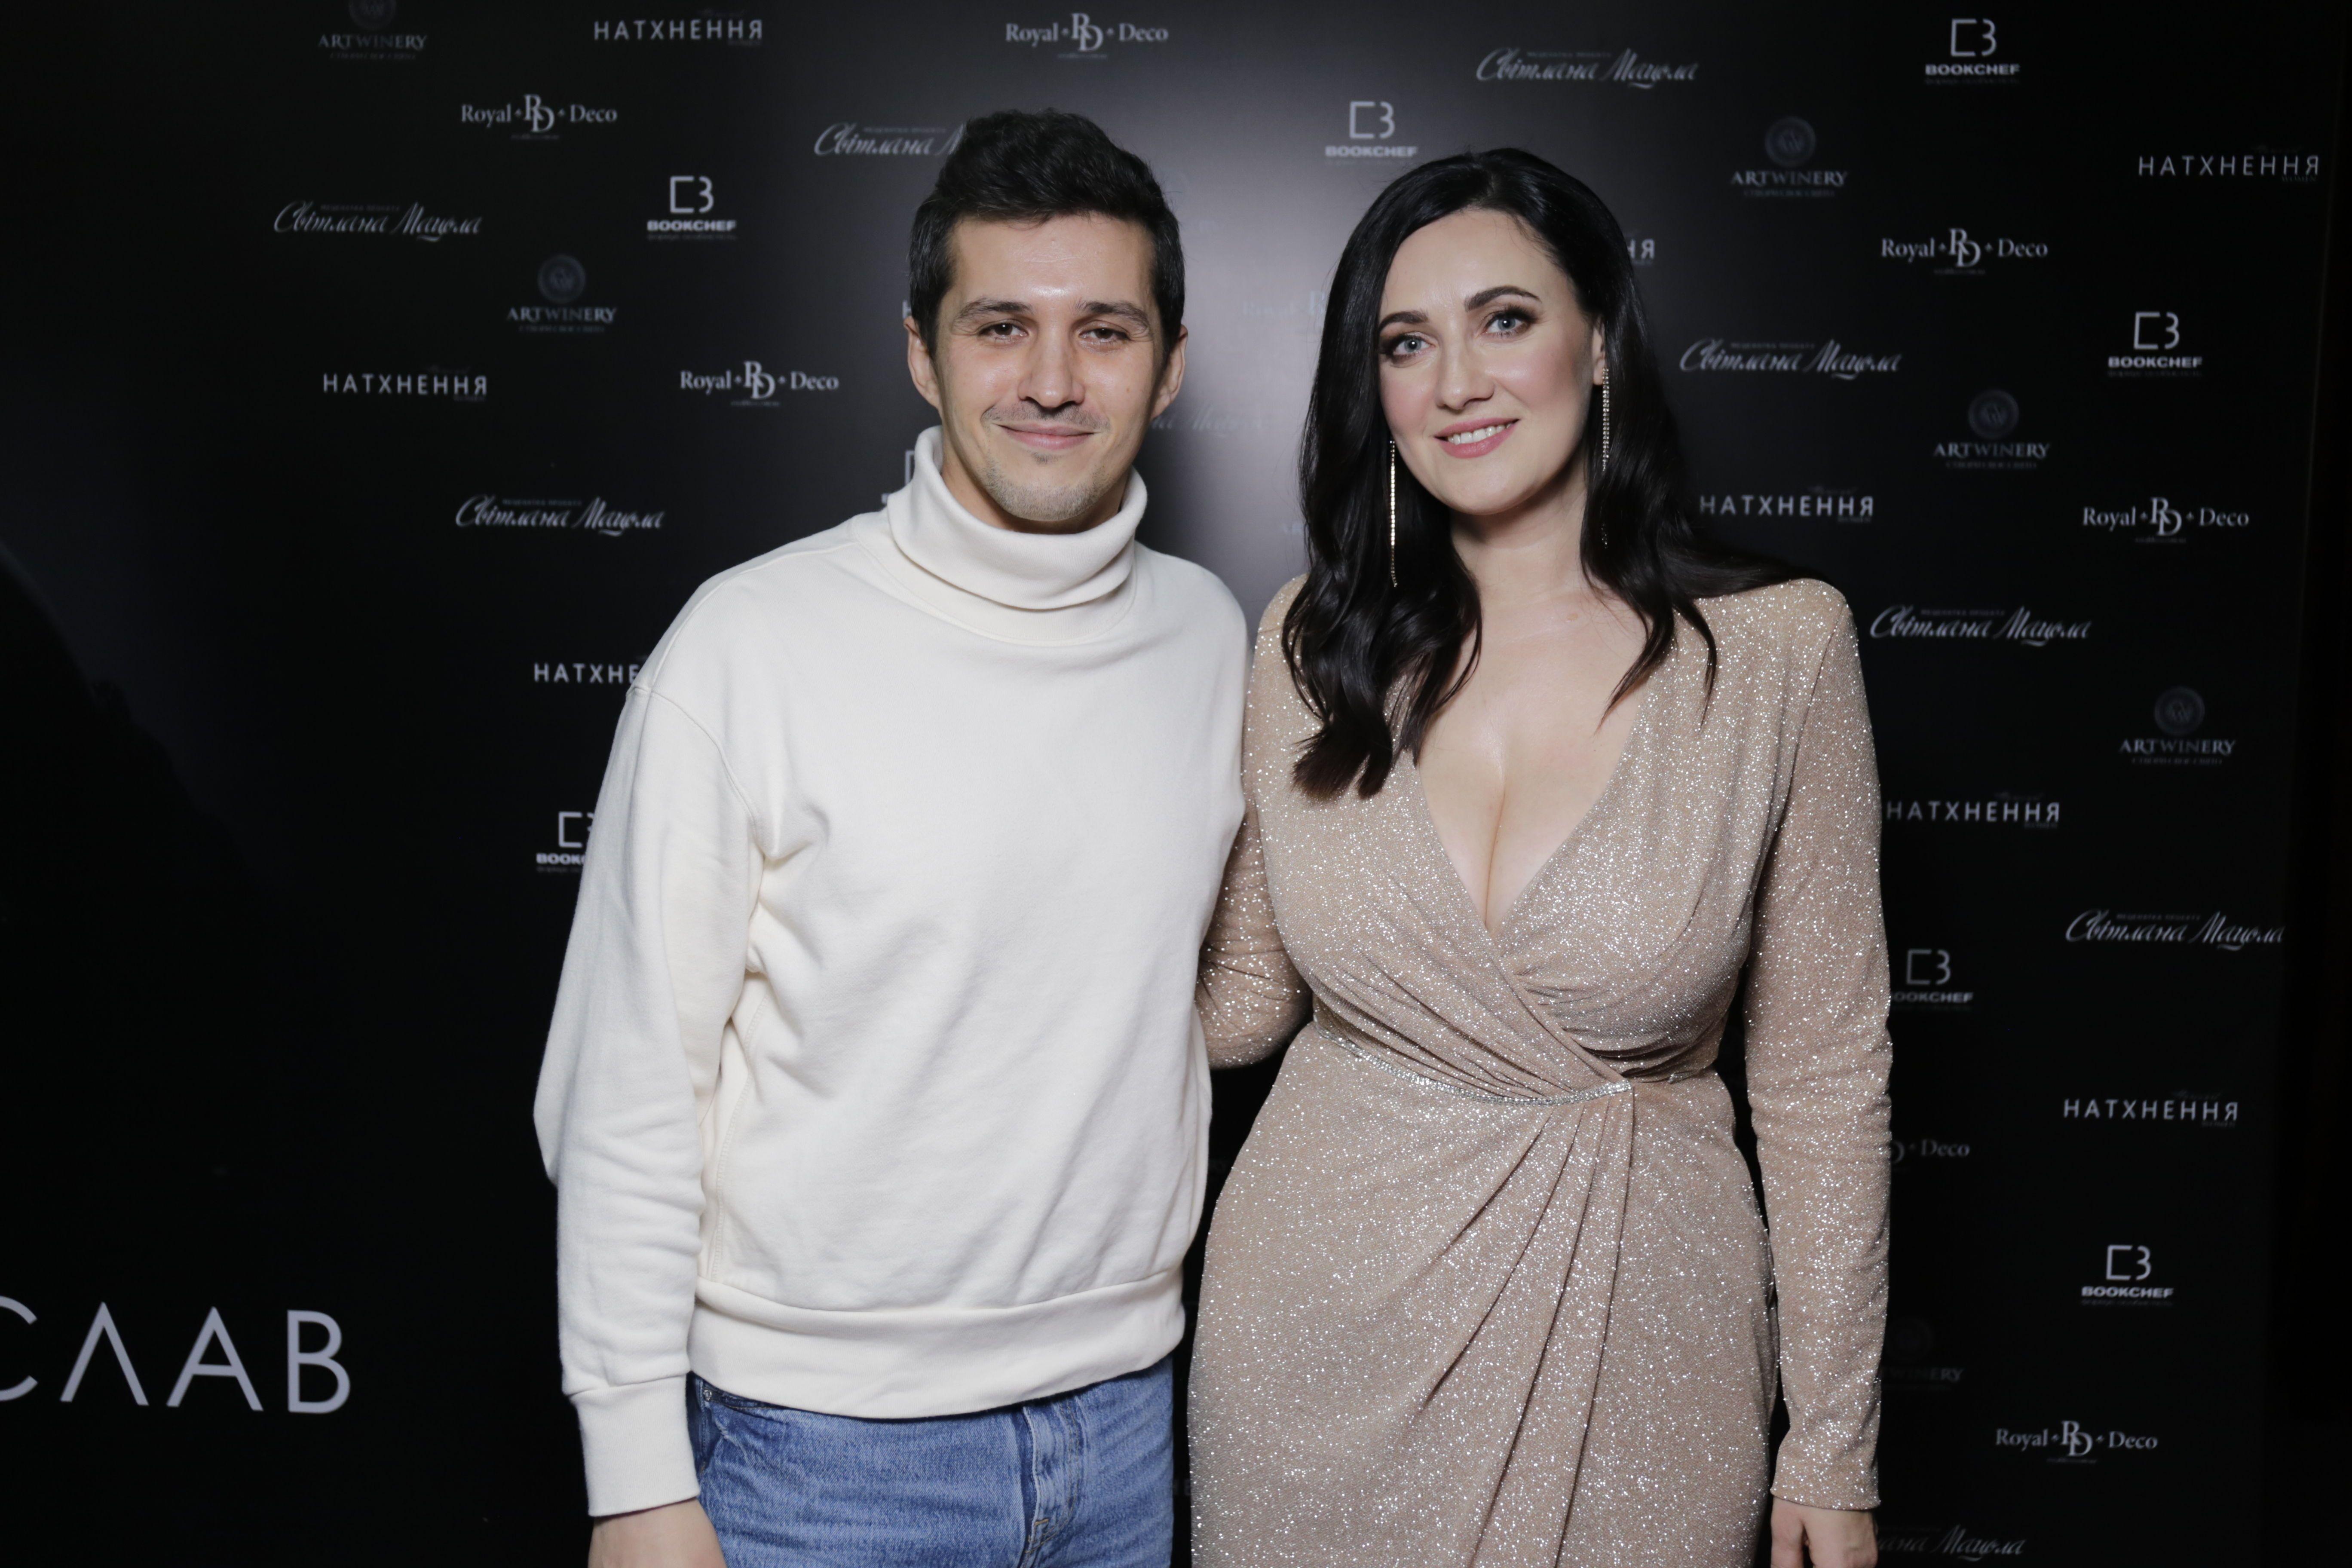 Соломія Вітвіцька та Акім Галімов